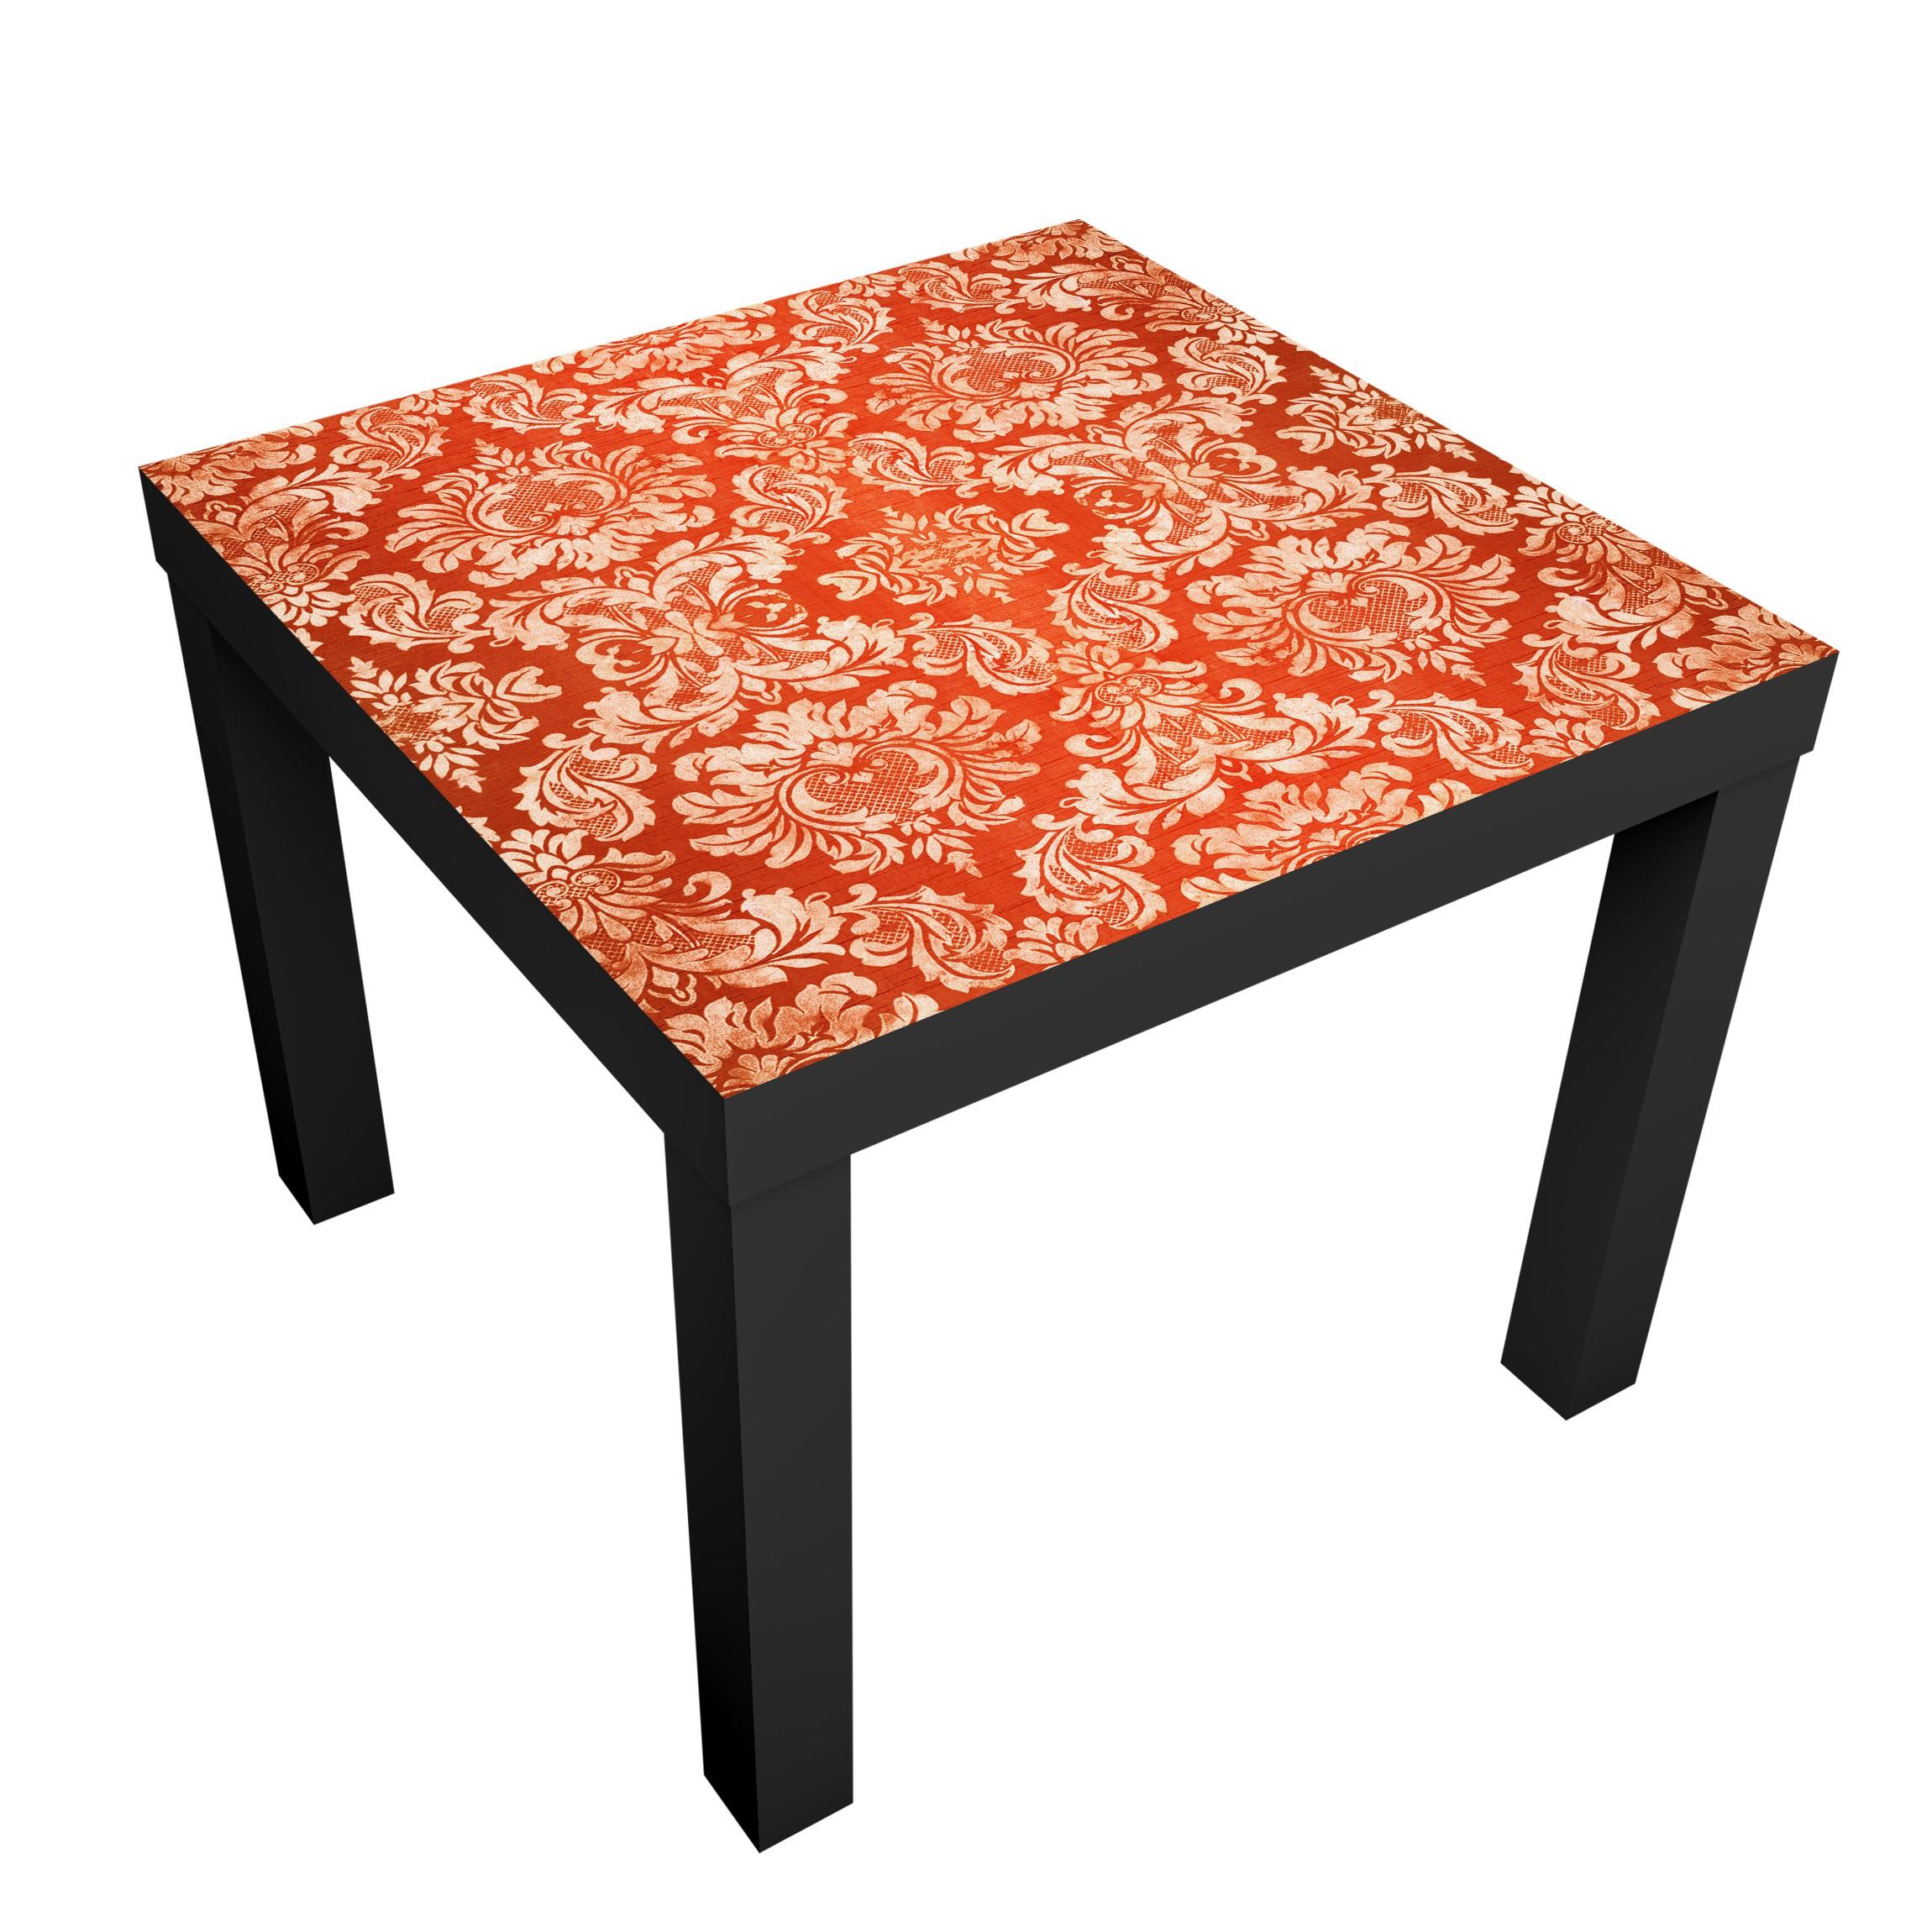 Carta adesiva per mobili ikea lack tavolino baroque wallpaper - Ikea lack tavolino ...